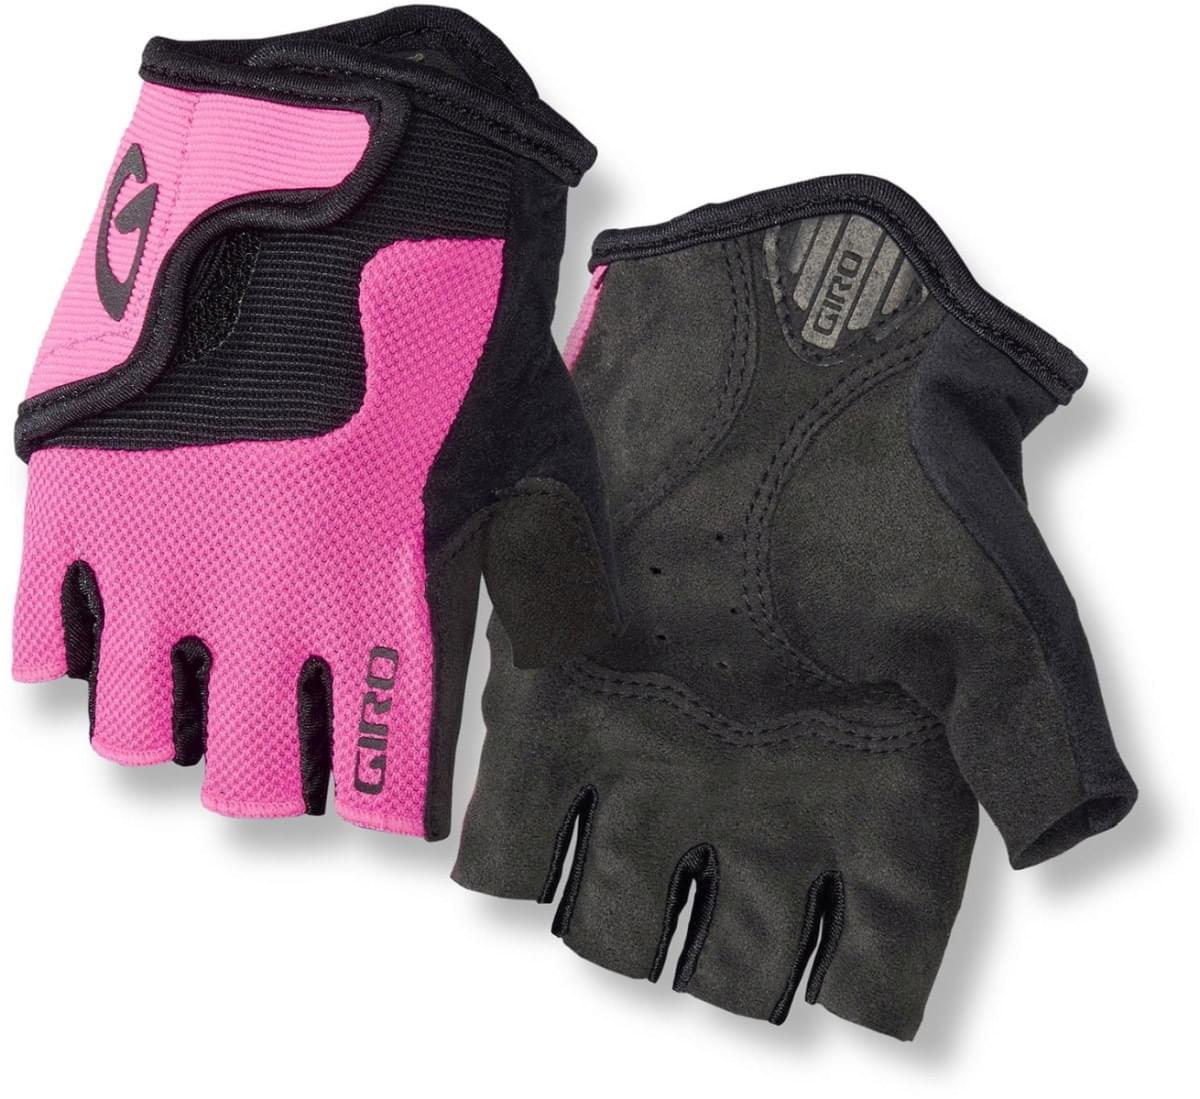 d5696213a Dětské cyklistické rukavice Giro Bravo Jr - bright pink - Skibi Kids